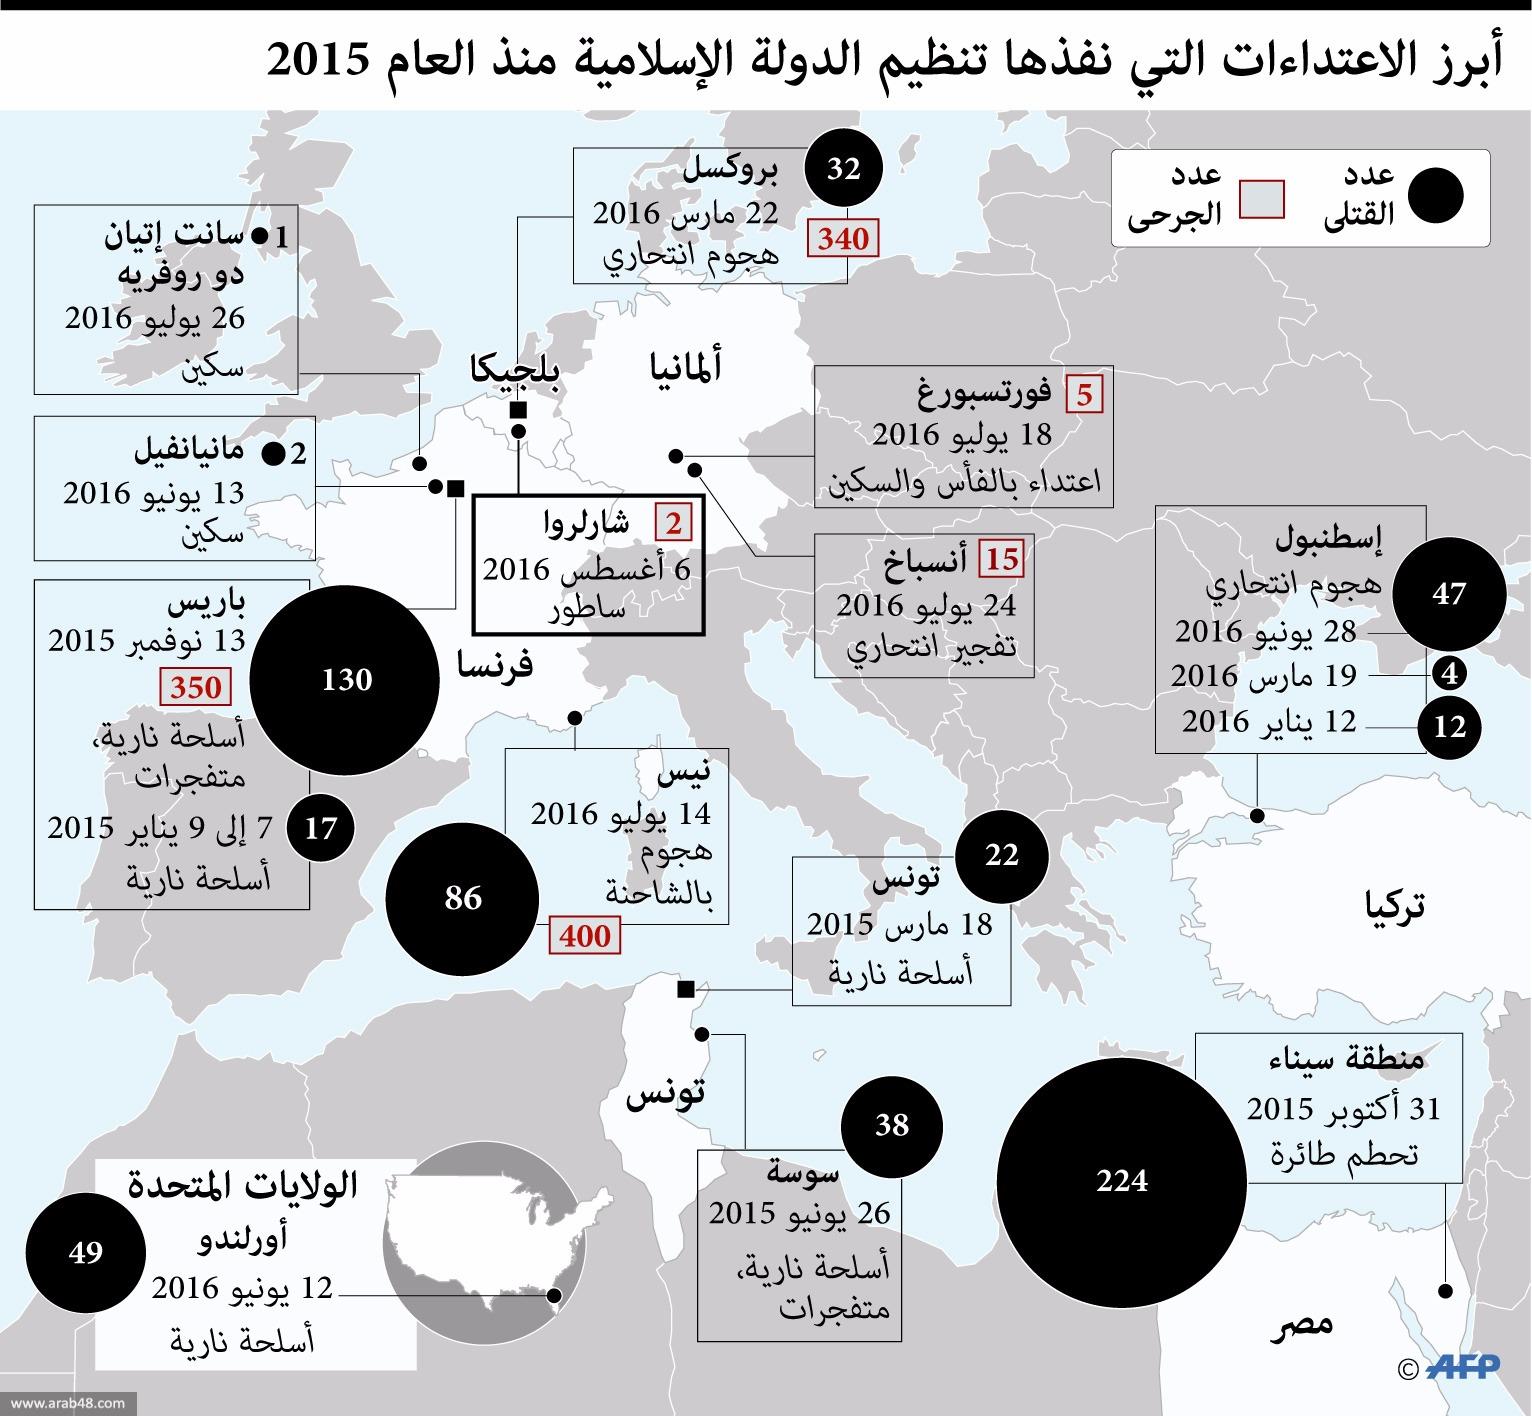 """إنفوجراف: أبرز اعتداءات """"داعش"""" خلال 2015"""